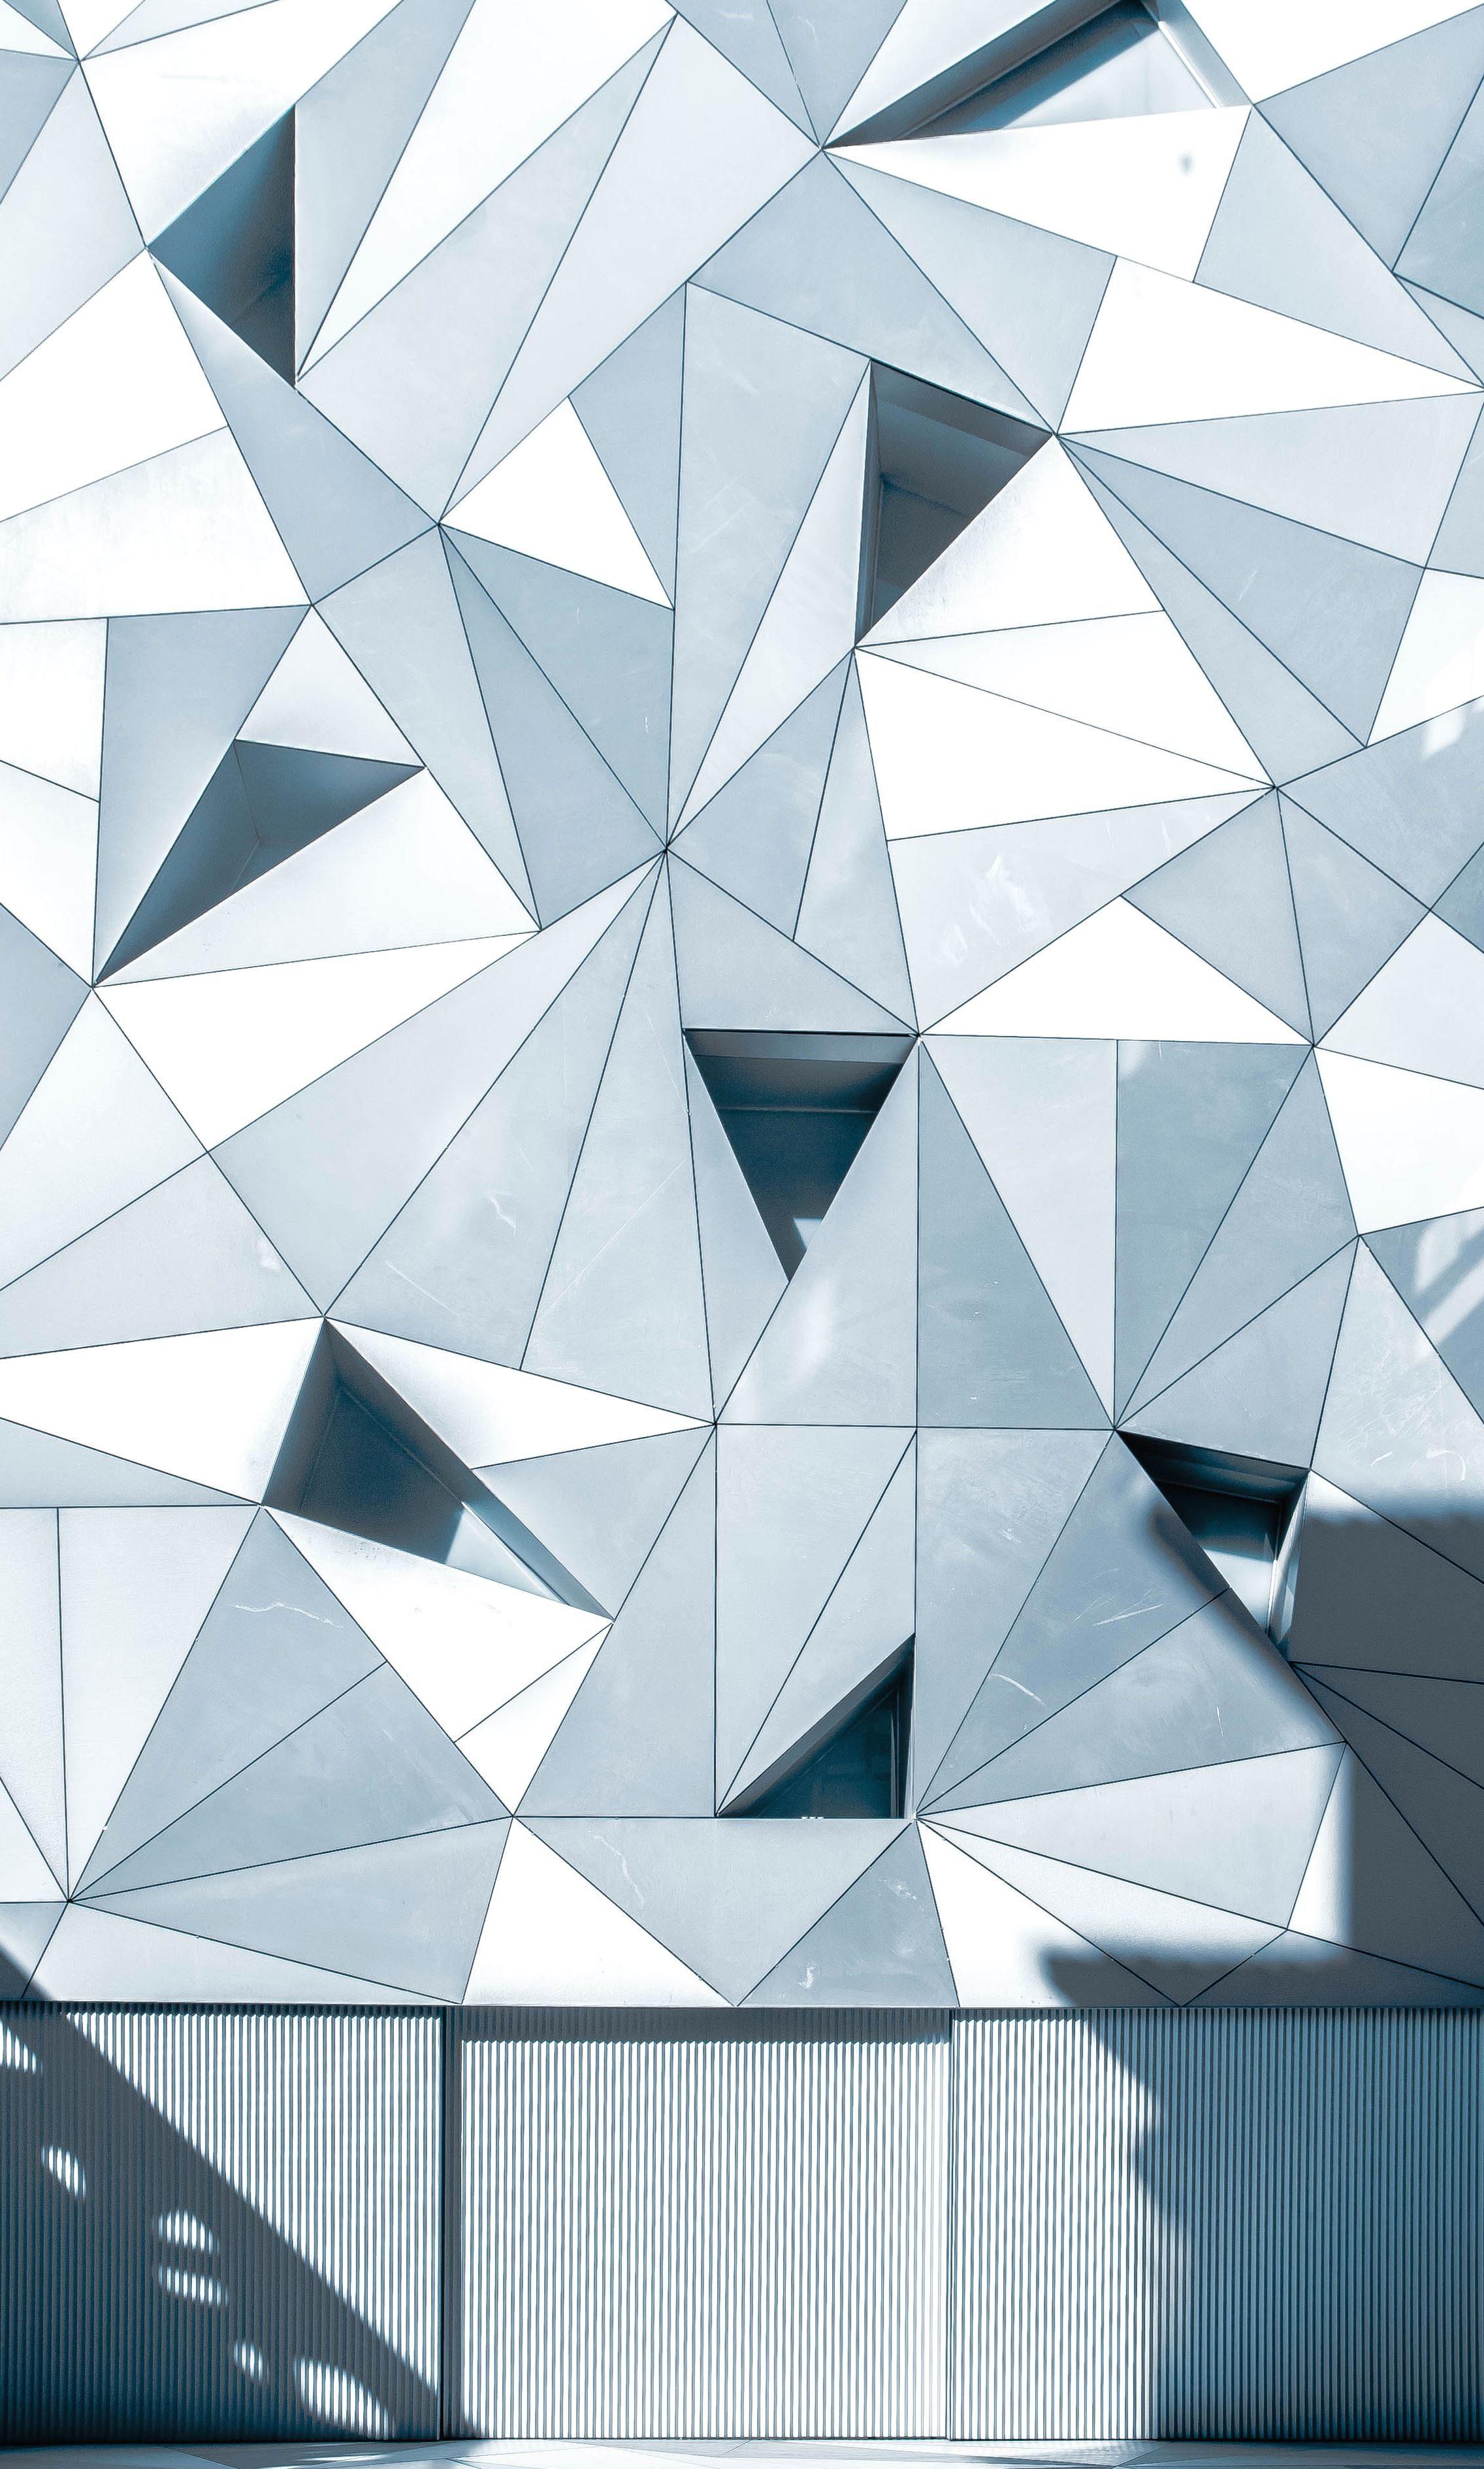 ücretsiz Resim Arka Plan Soyut Sanat çağdaş Tasarım Geometrik